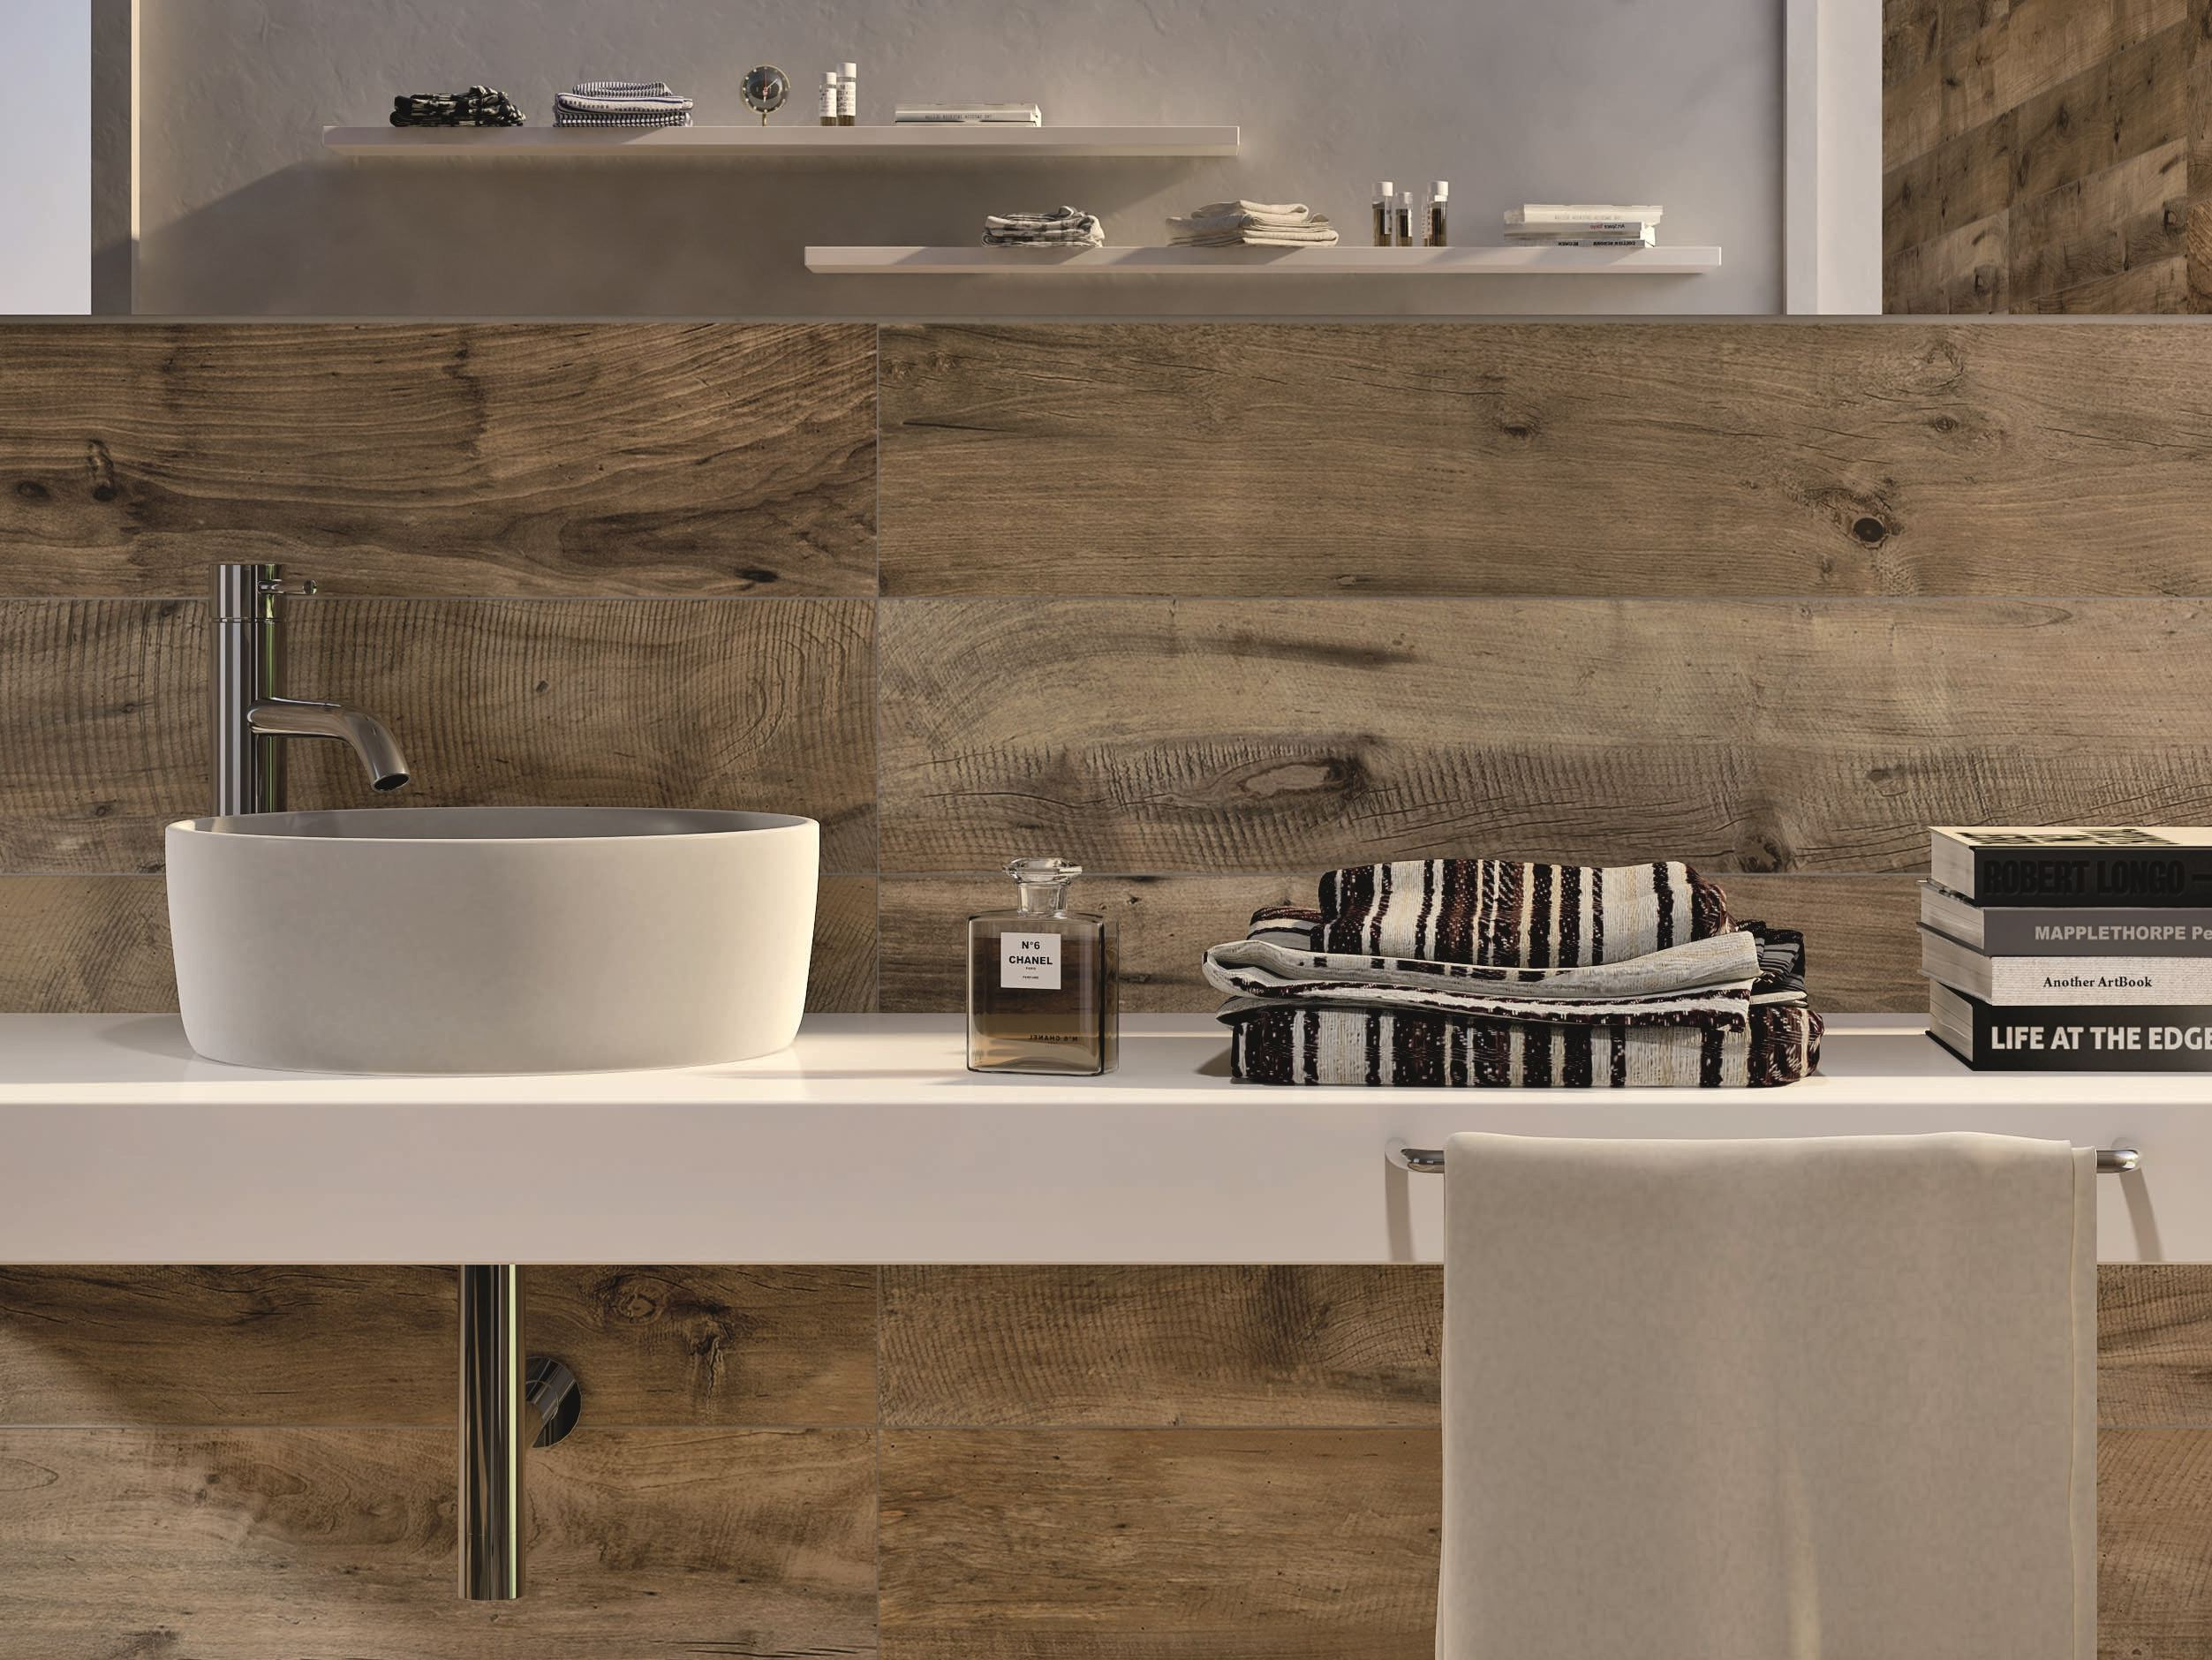 Keuken Mosa Tegels : Ennovy badkamer ontwerp met mosa tegels en gestukadoorde wanden